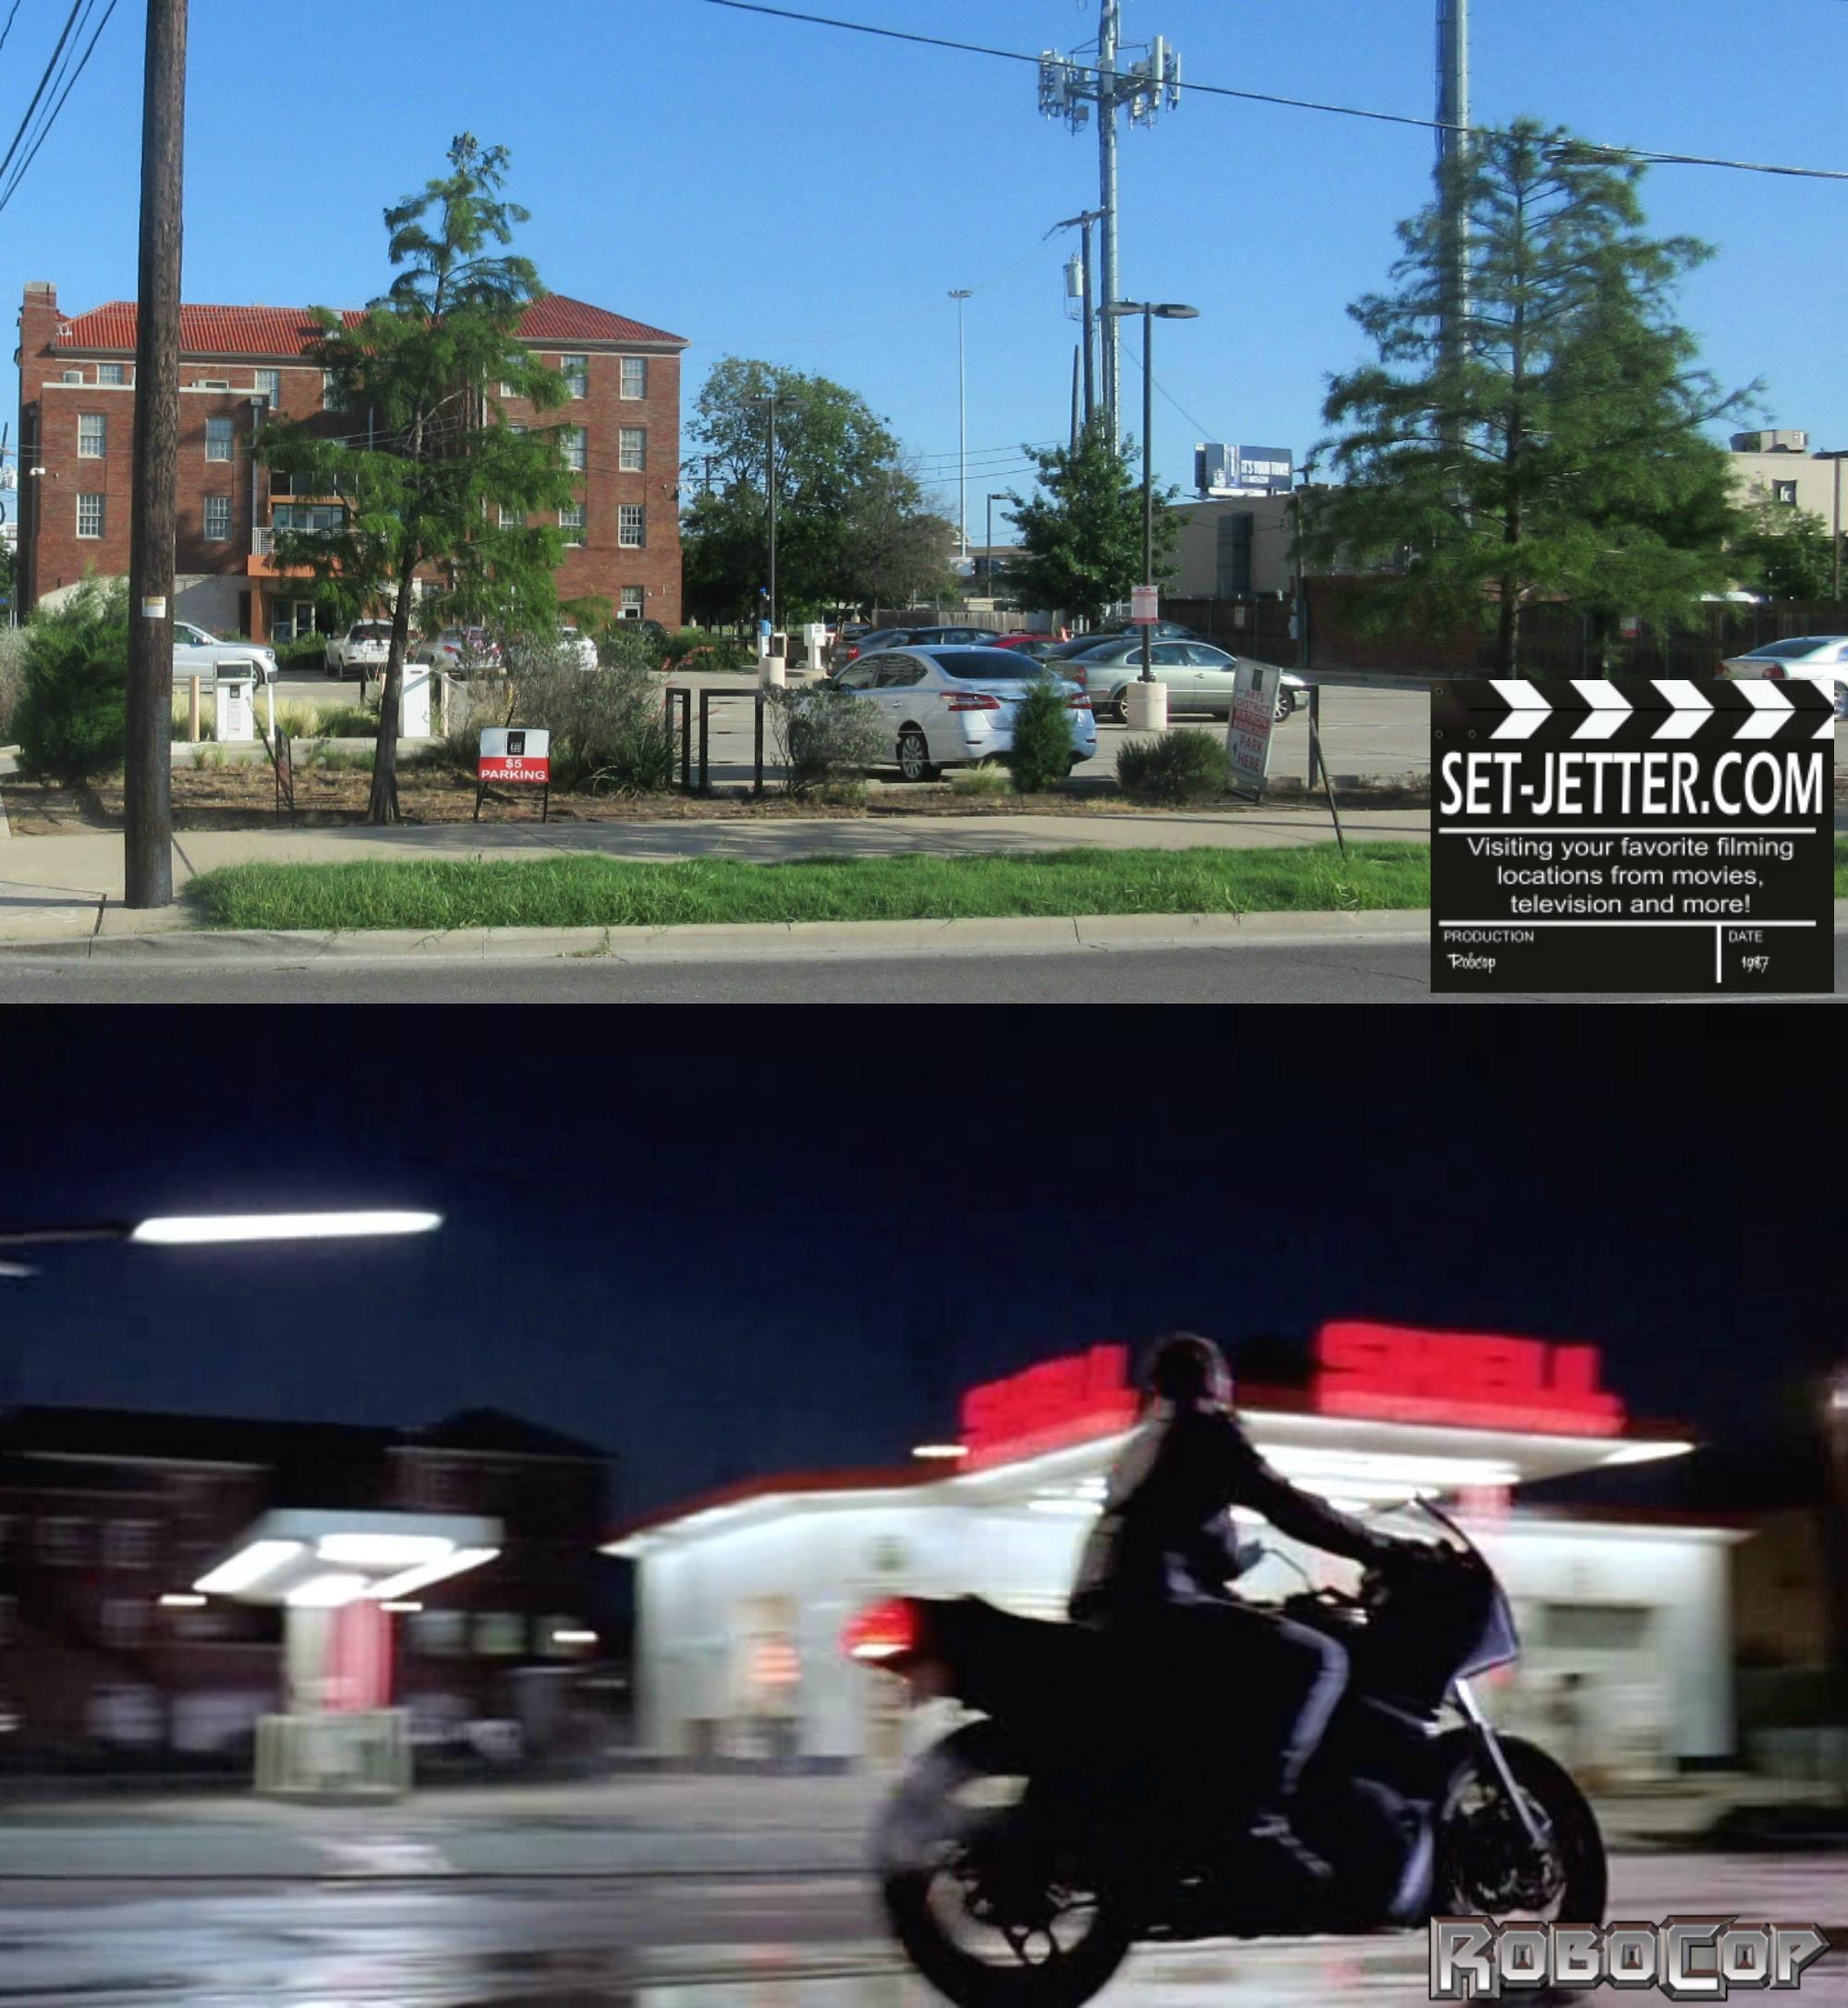 Robocop comparison 93.jpg